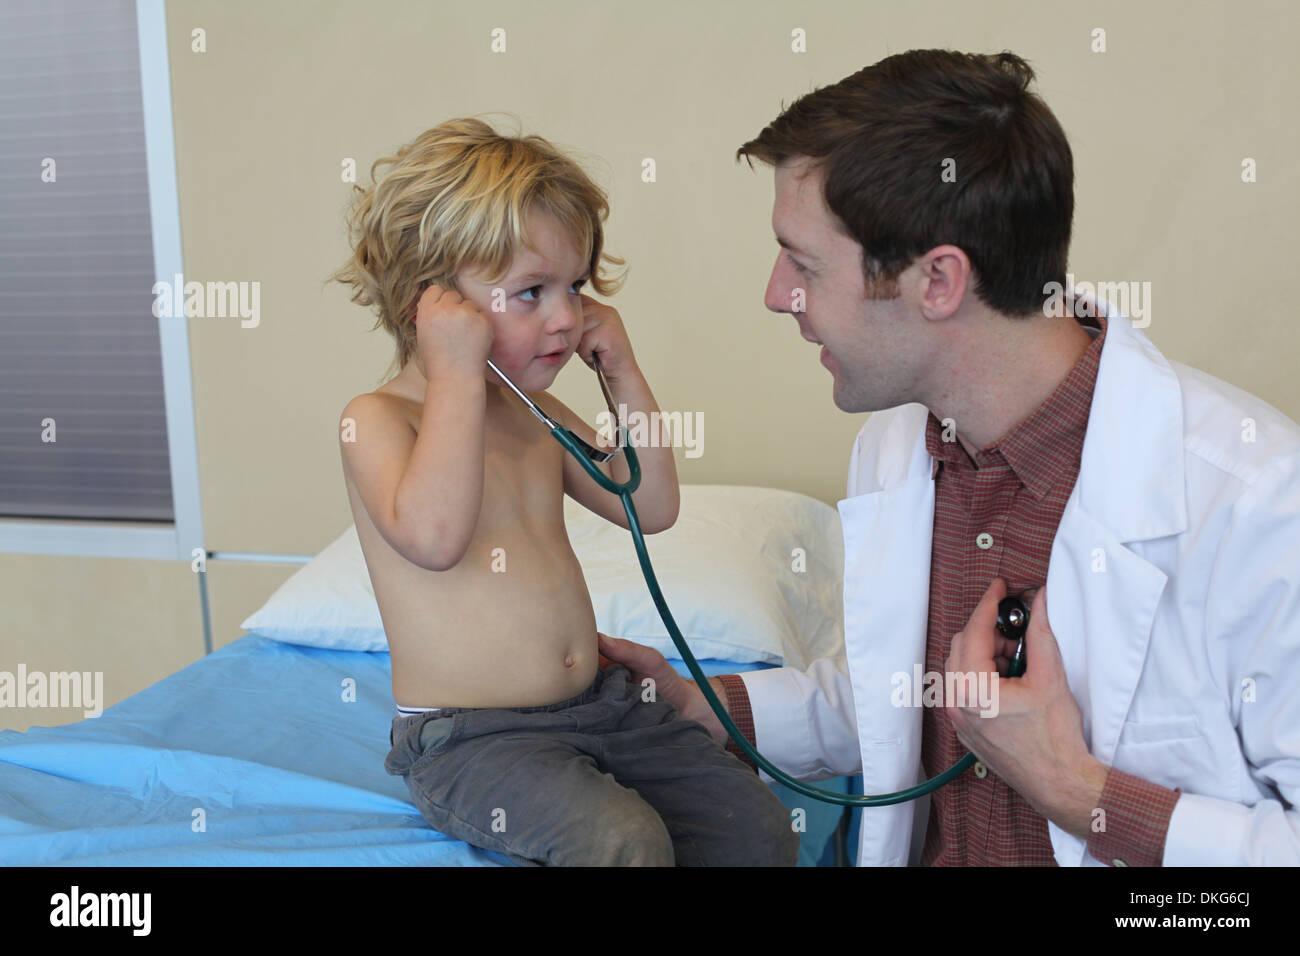 Jeune homme médecin en clinique partager stéthoscope avec boy Photo Stock